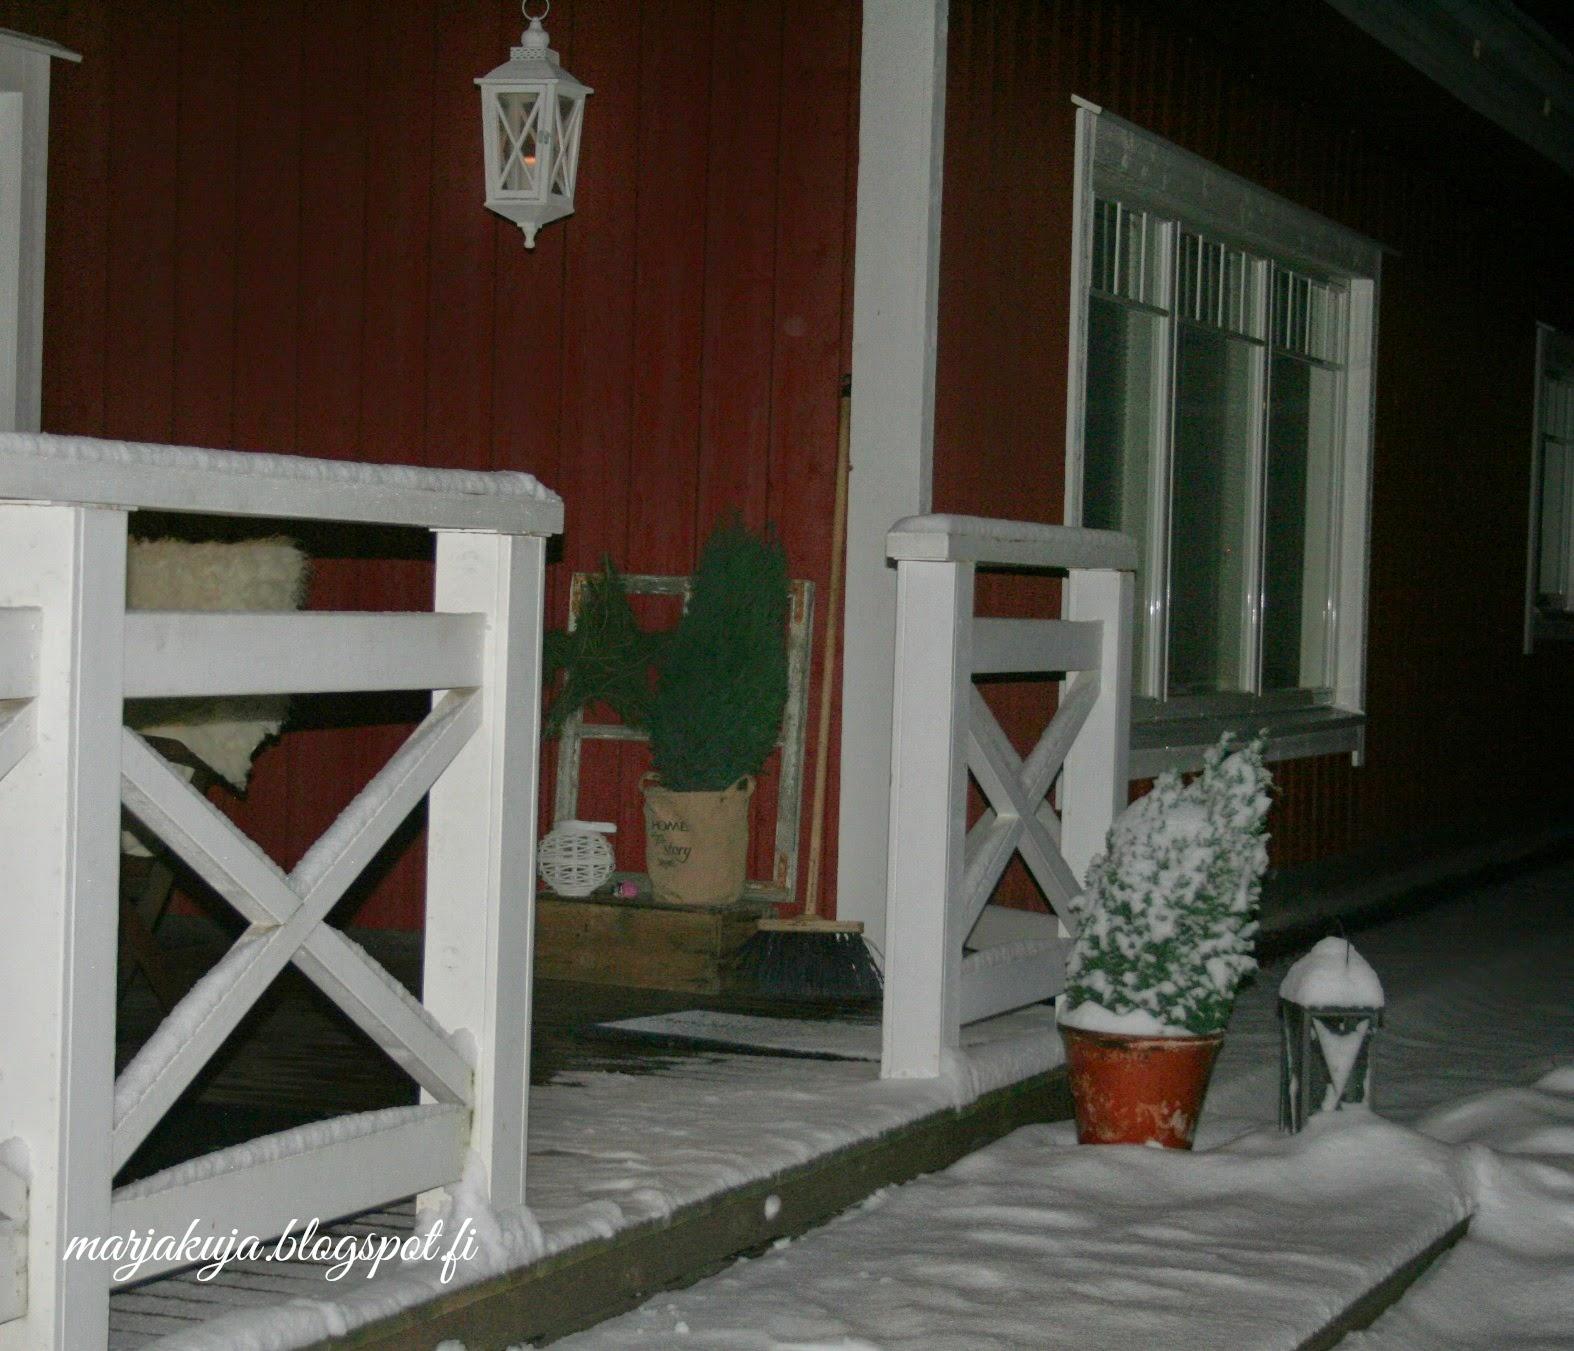 Luminen terassi